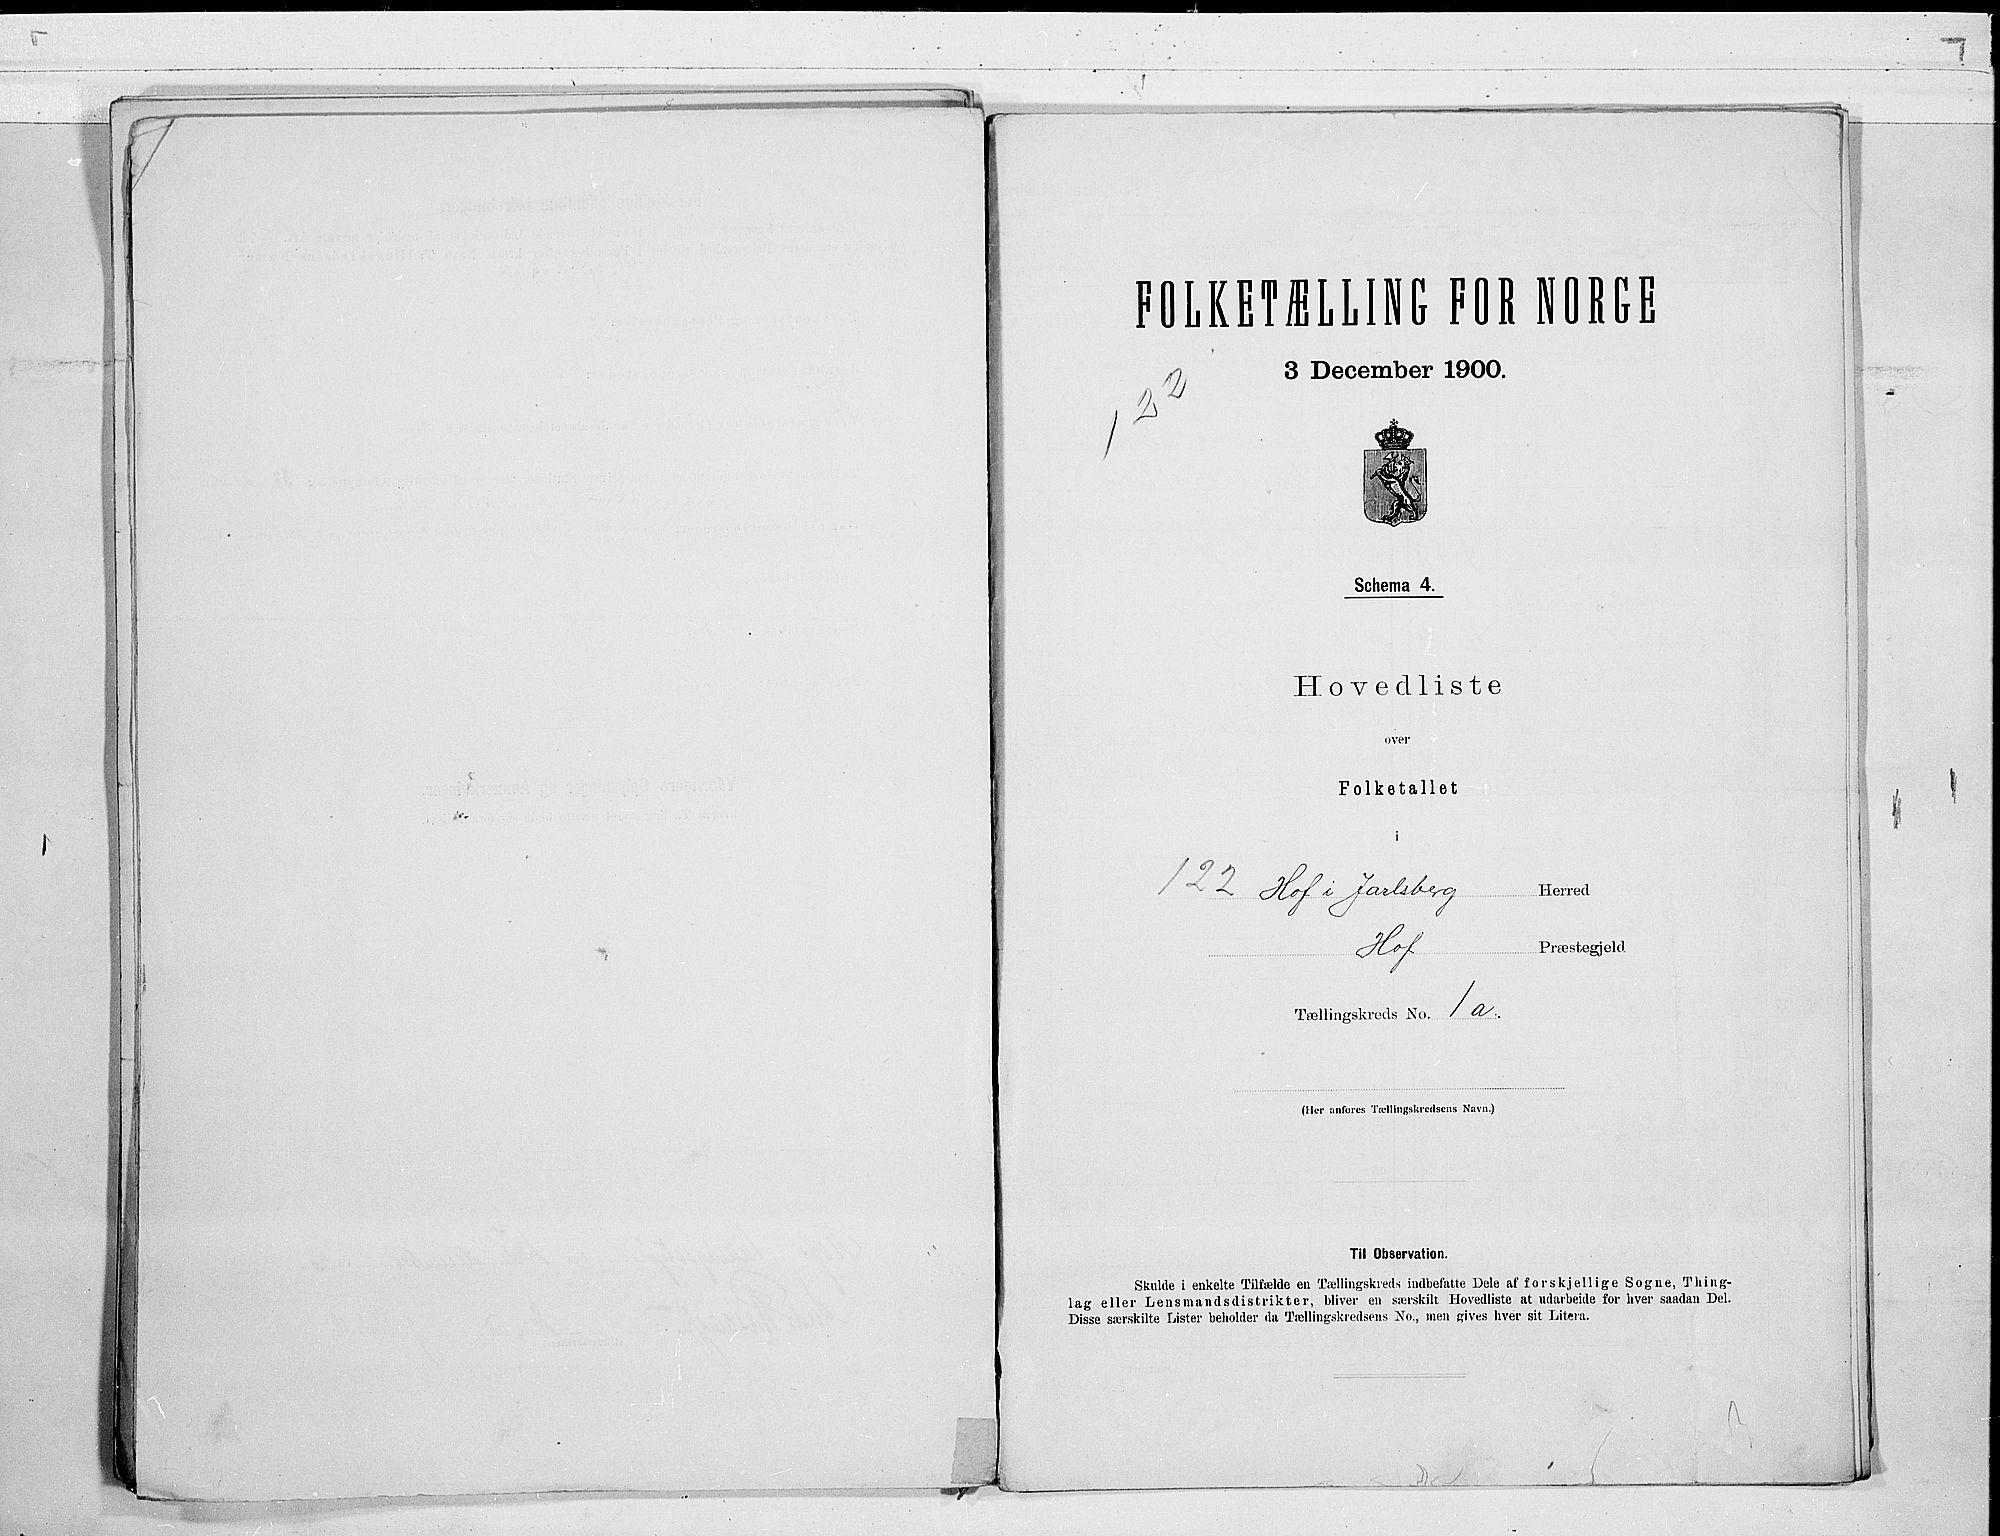 RA, 1900 census for Hof, 1900, p. 4